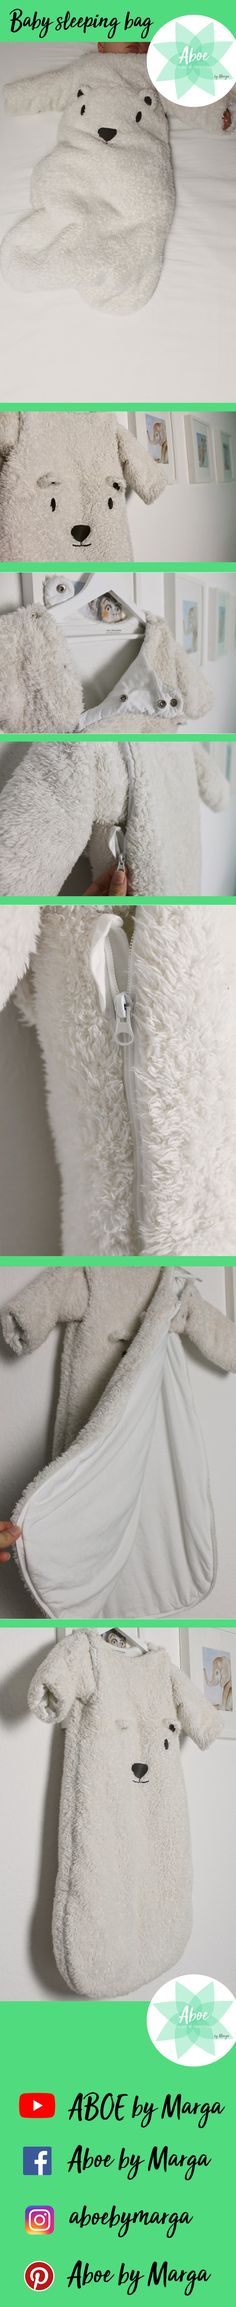 Preiswert Kaufen Neugeborenen Decke Baby Dicke Winter Cartoon Bestickte Kaninchen Weiche Baumwolle Kleinkind Abdeckung Schlaf Bettwäsche Swaddle Wrap Baby Decke Home